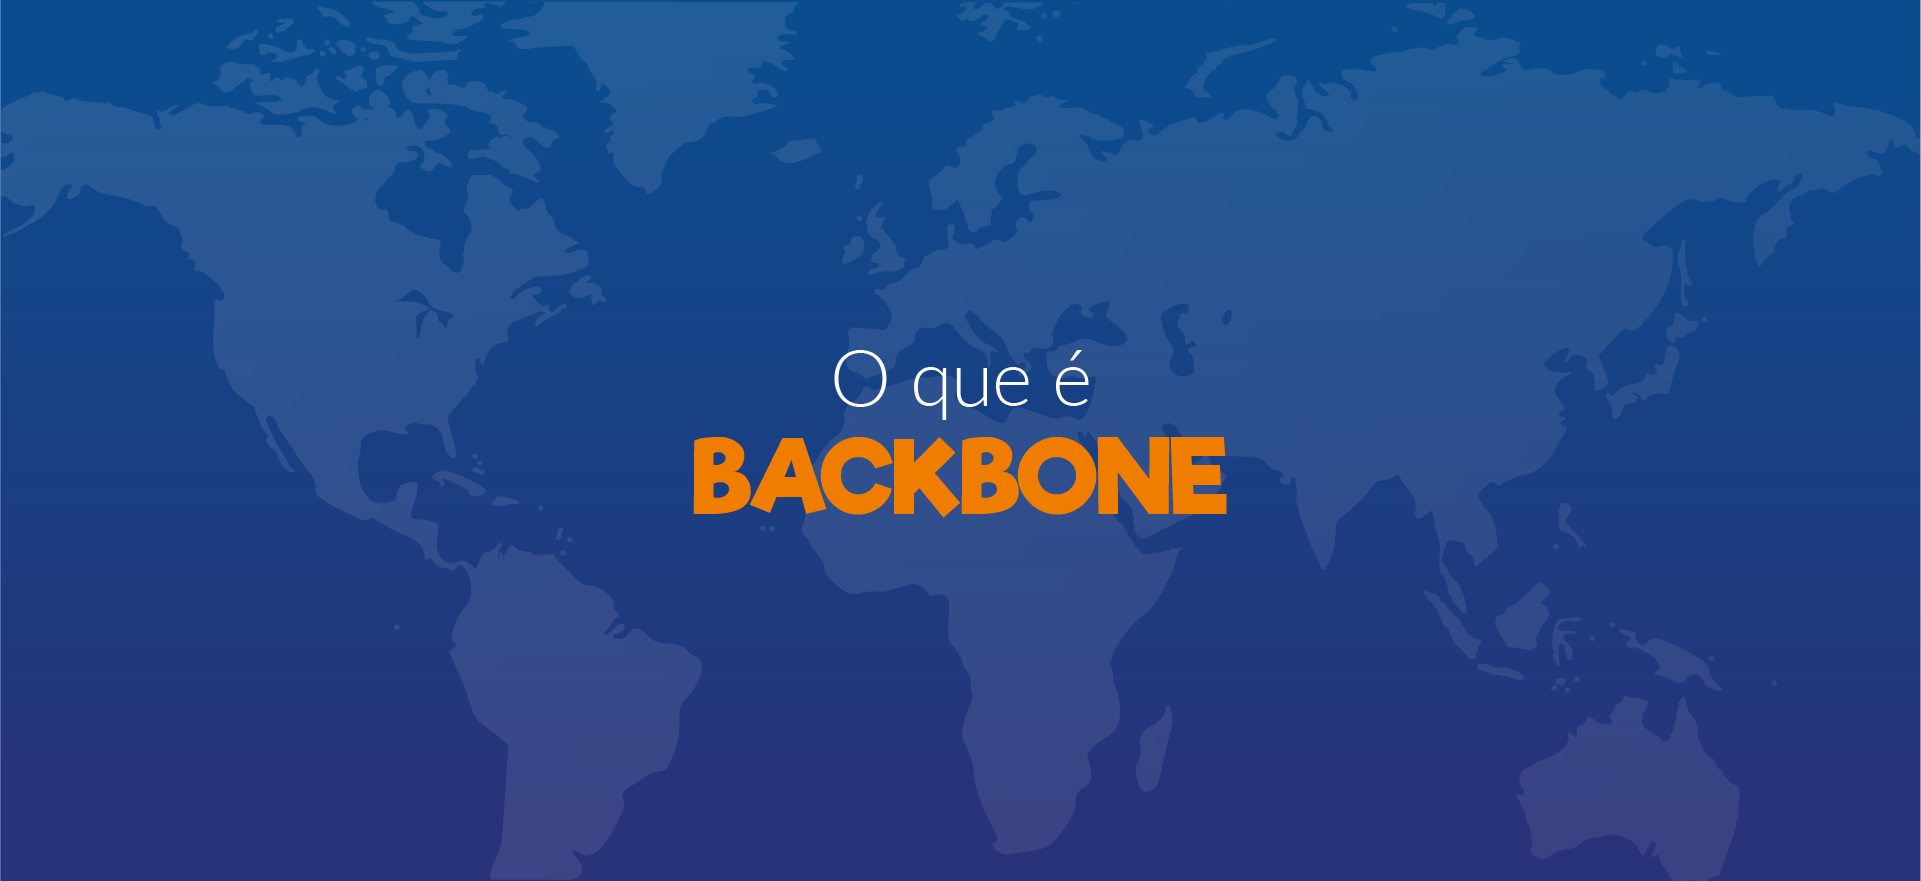 Você sabe o que é Backbone?